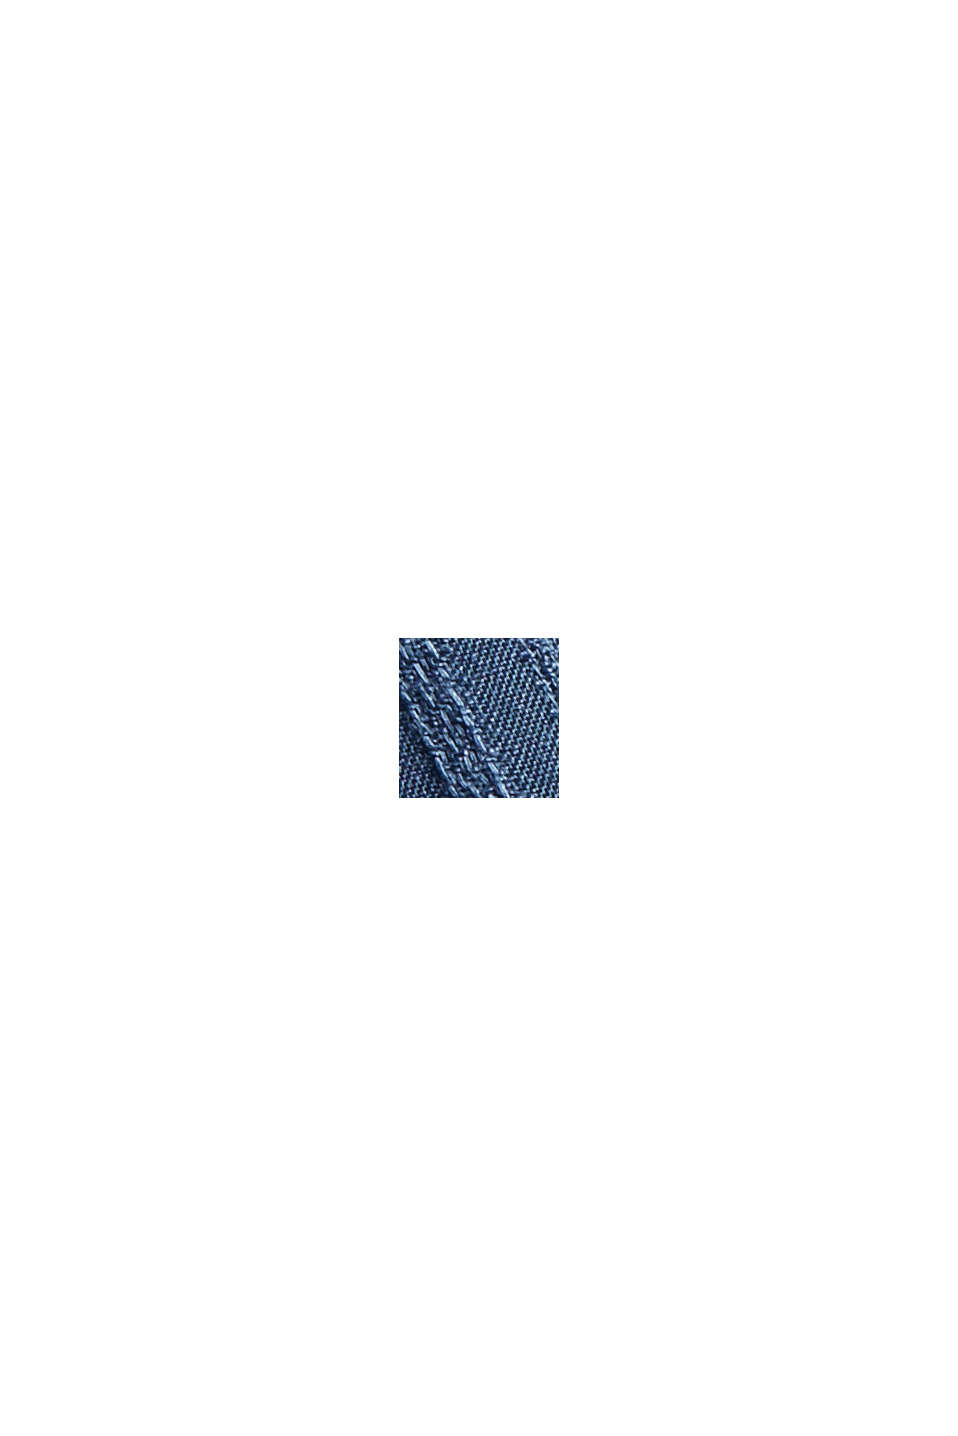 Bluse mit Struktur-Streifen, LENZING™ ECOVERO™, GREY BLUE, swatch